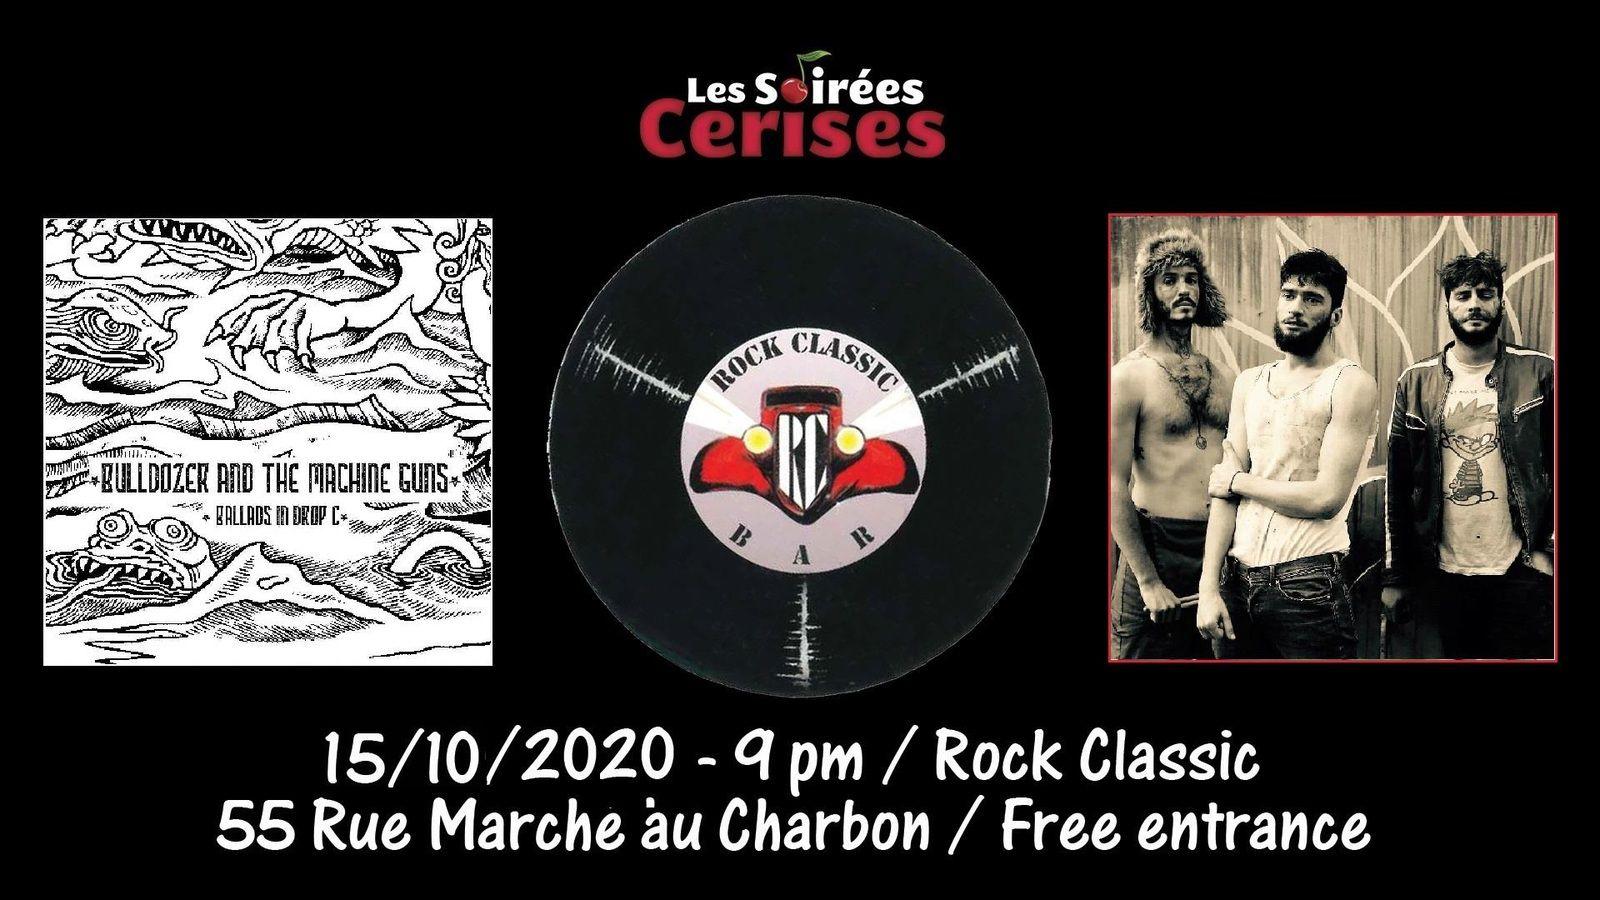 🎵 Bulldozer and the machine guns @ Rock Classic - 15/10/2020 - 21h00 - Entrée gratuite / Free entrance